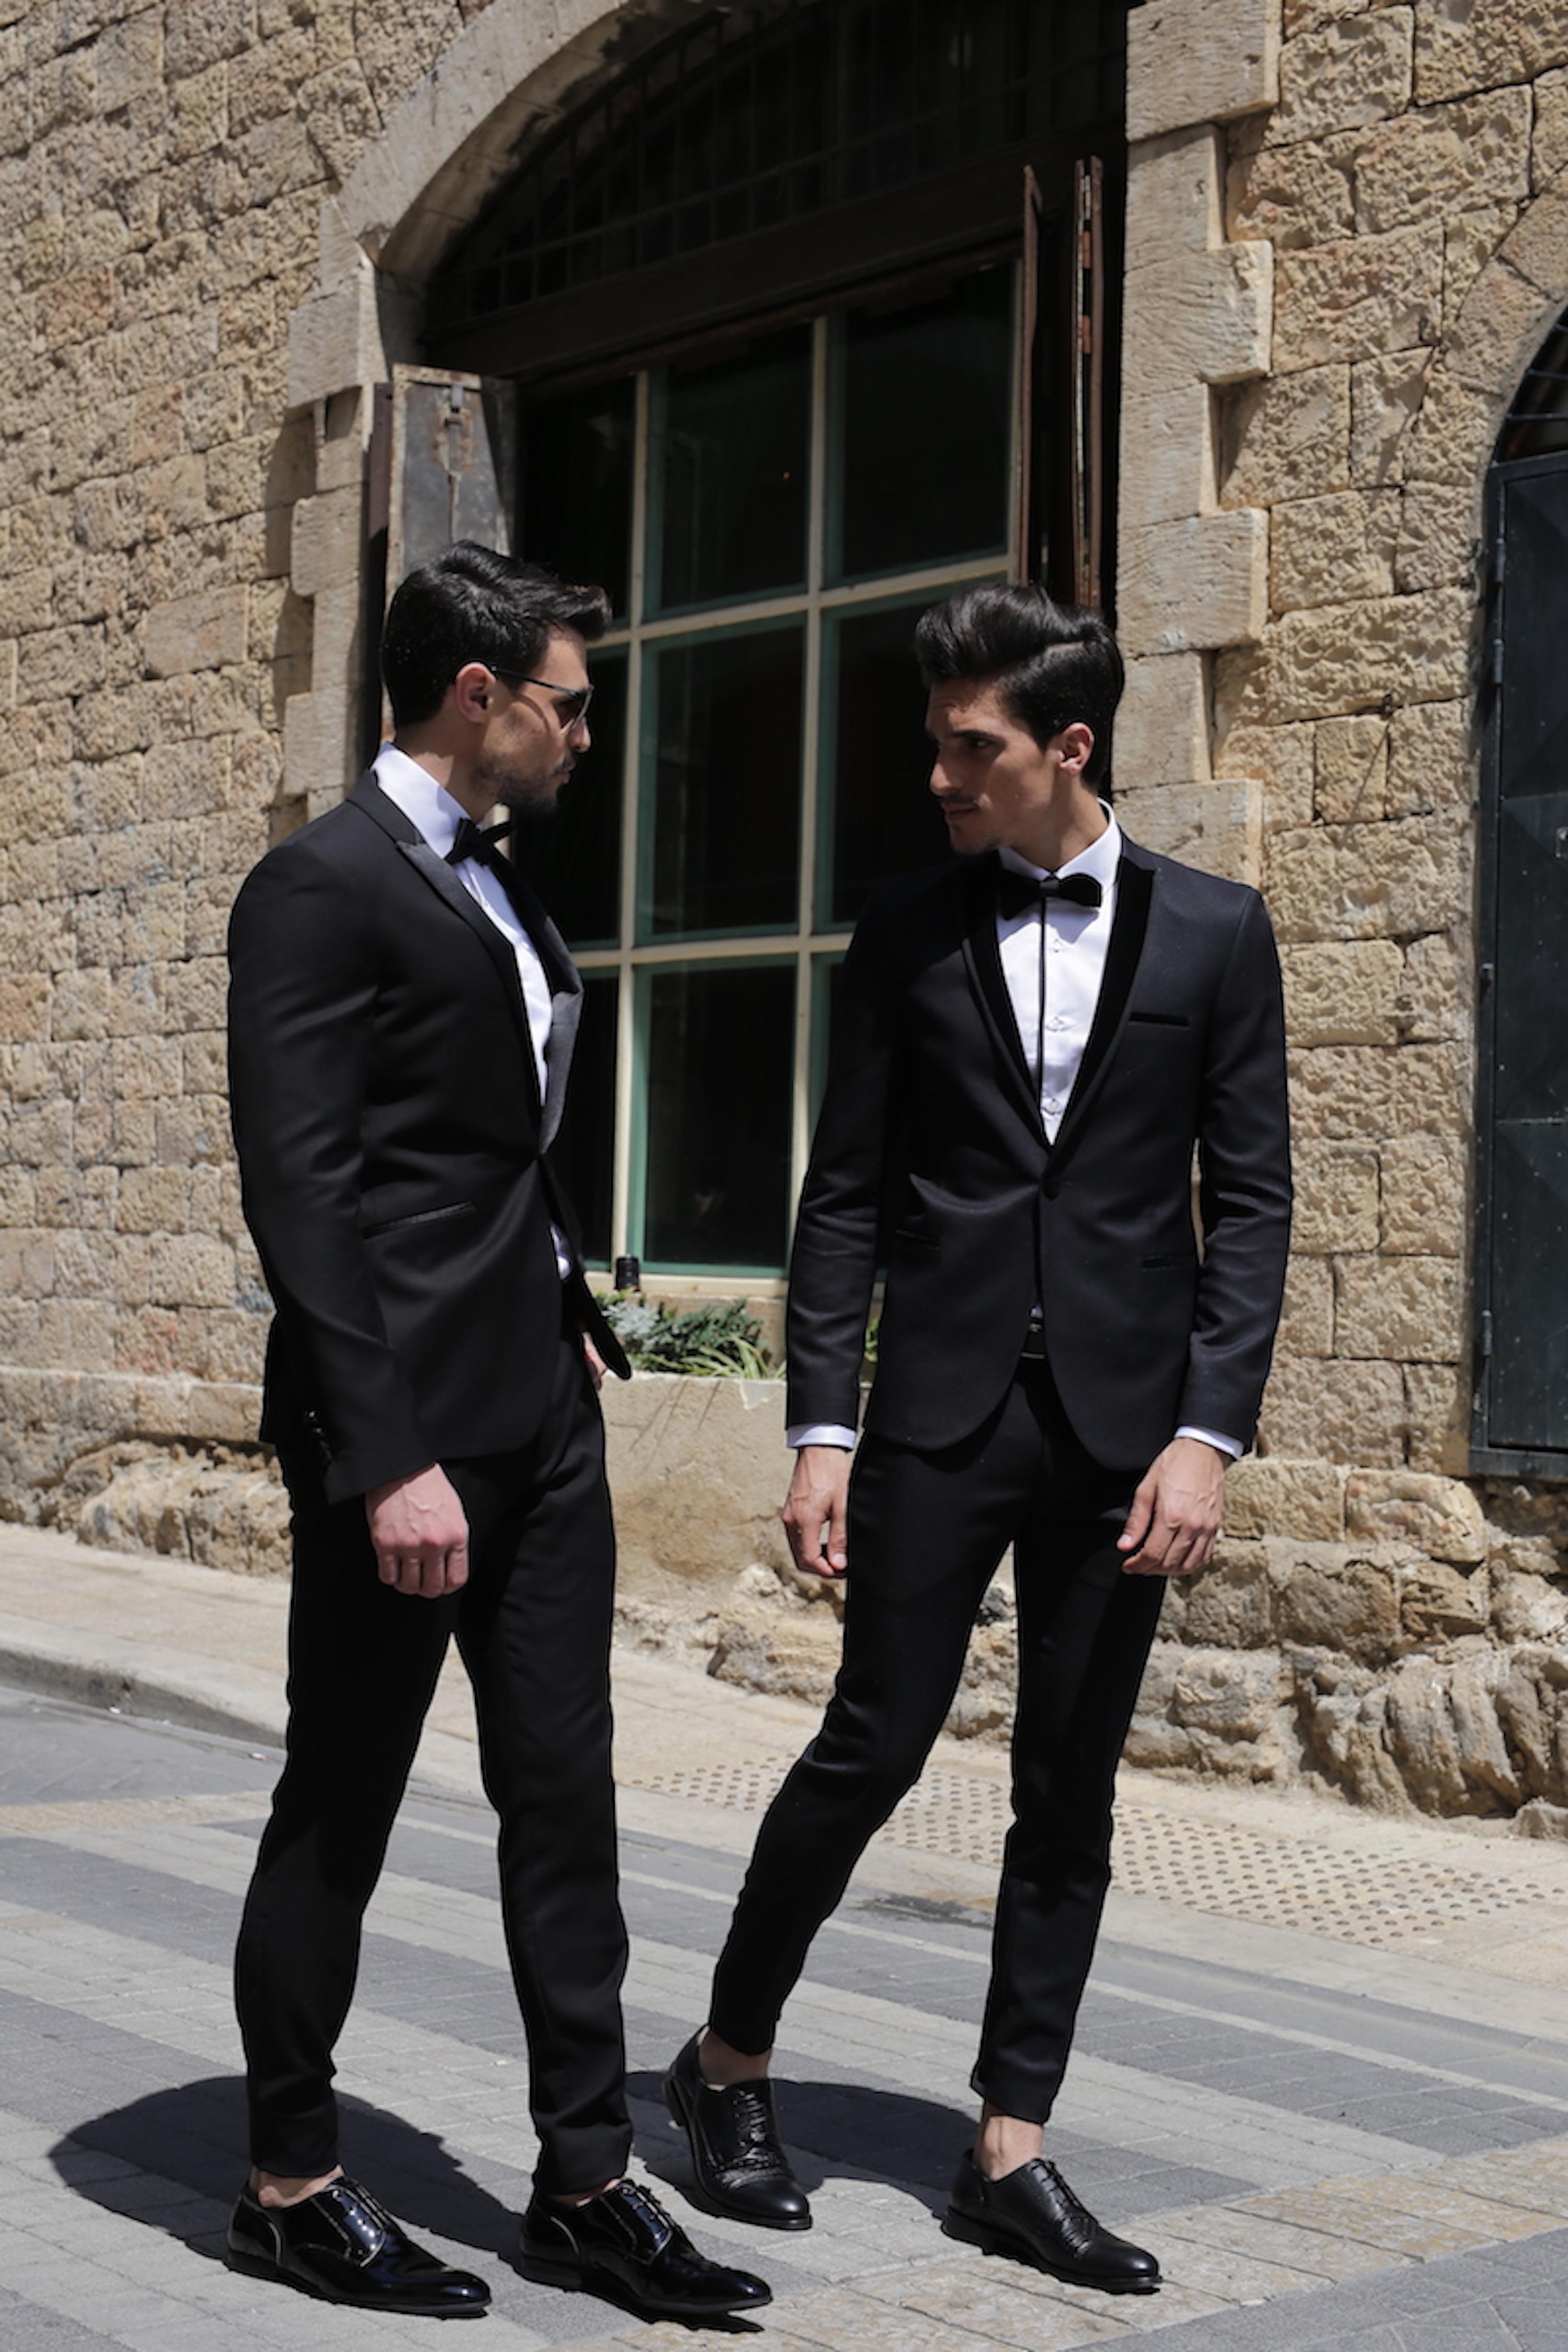 דון אמור חליפות חתן